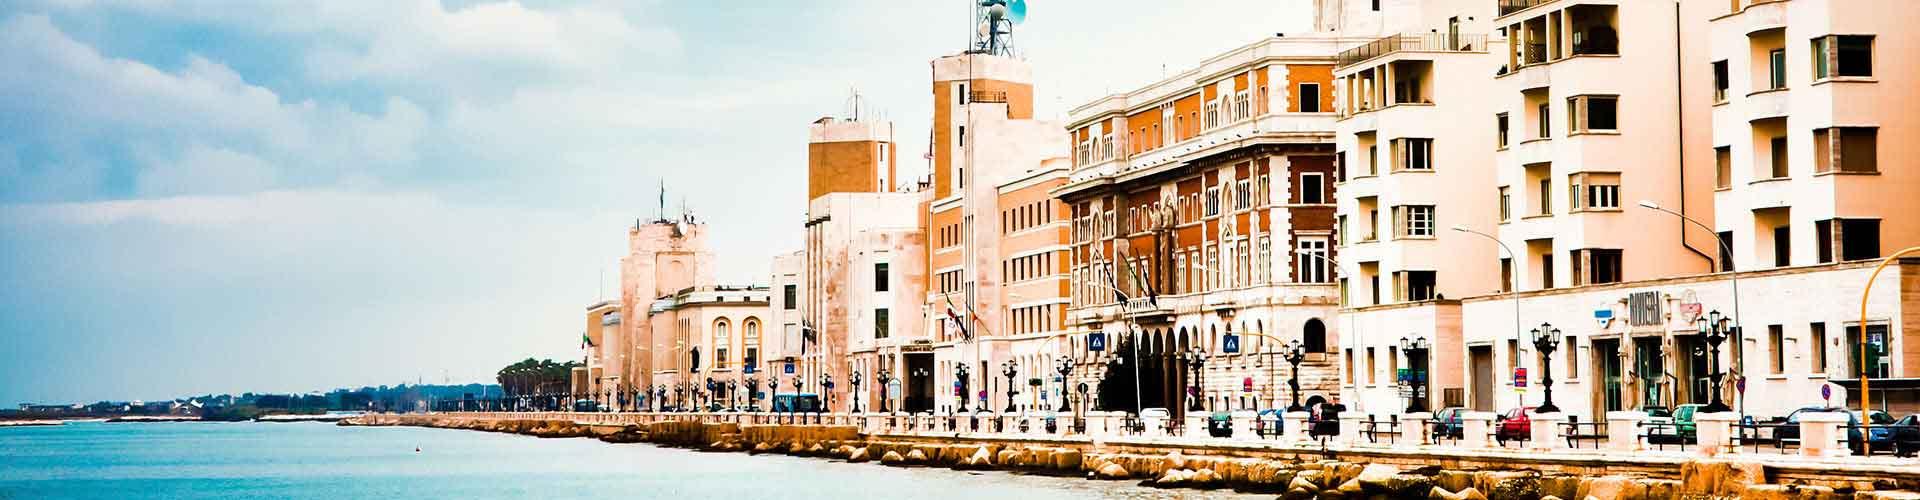 Bari - Campamentos en Bari. Mapas de Bari, Fotos y comentarios de cada Campamento en Bari.